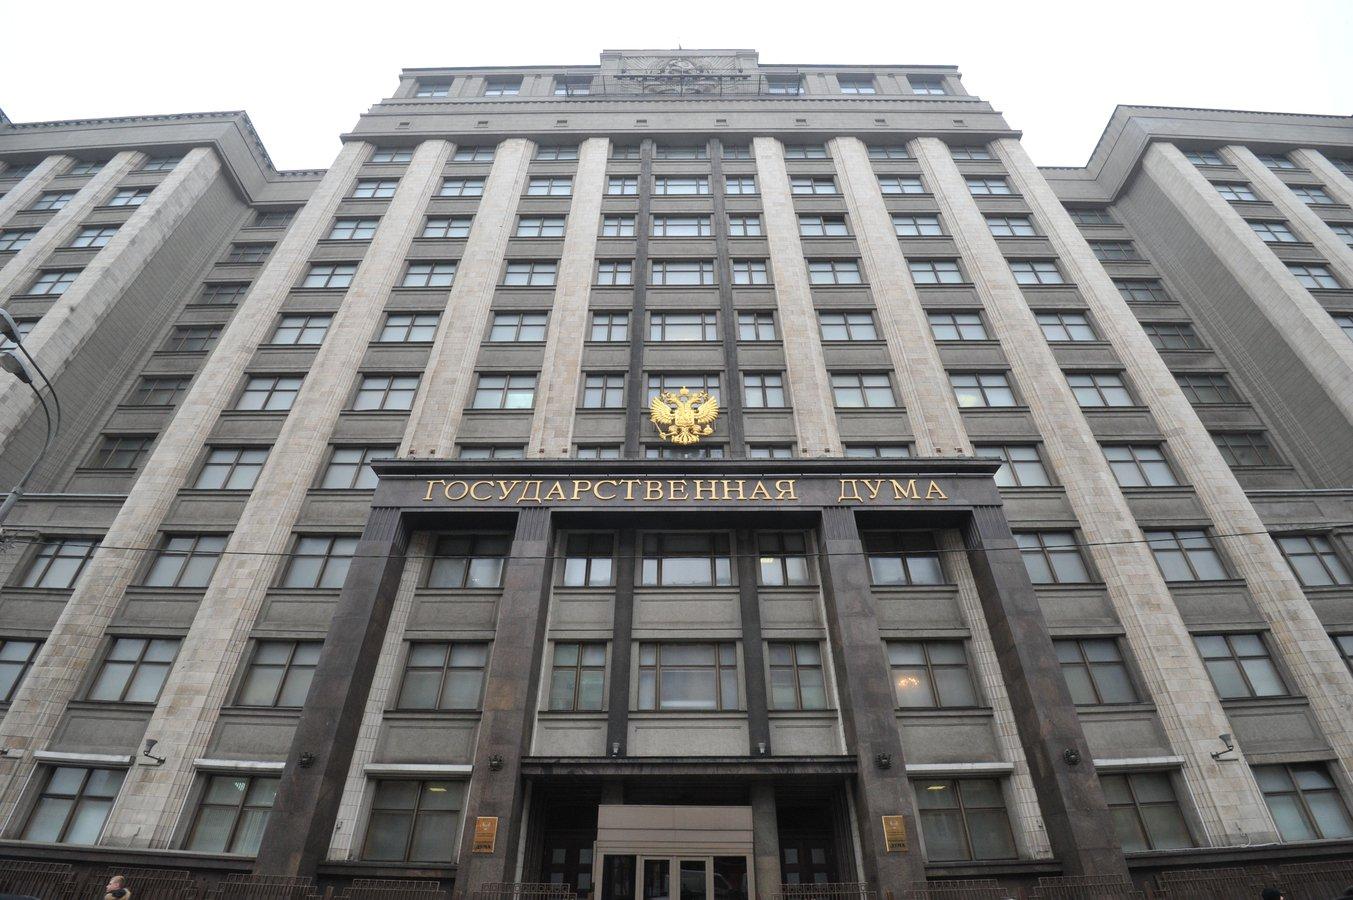 ВМИДРФ попросили официальных объяснений от украинской столицы поголосованию граждан России